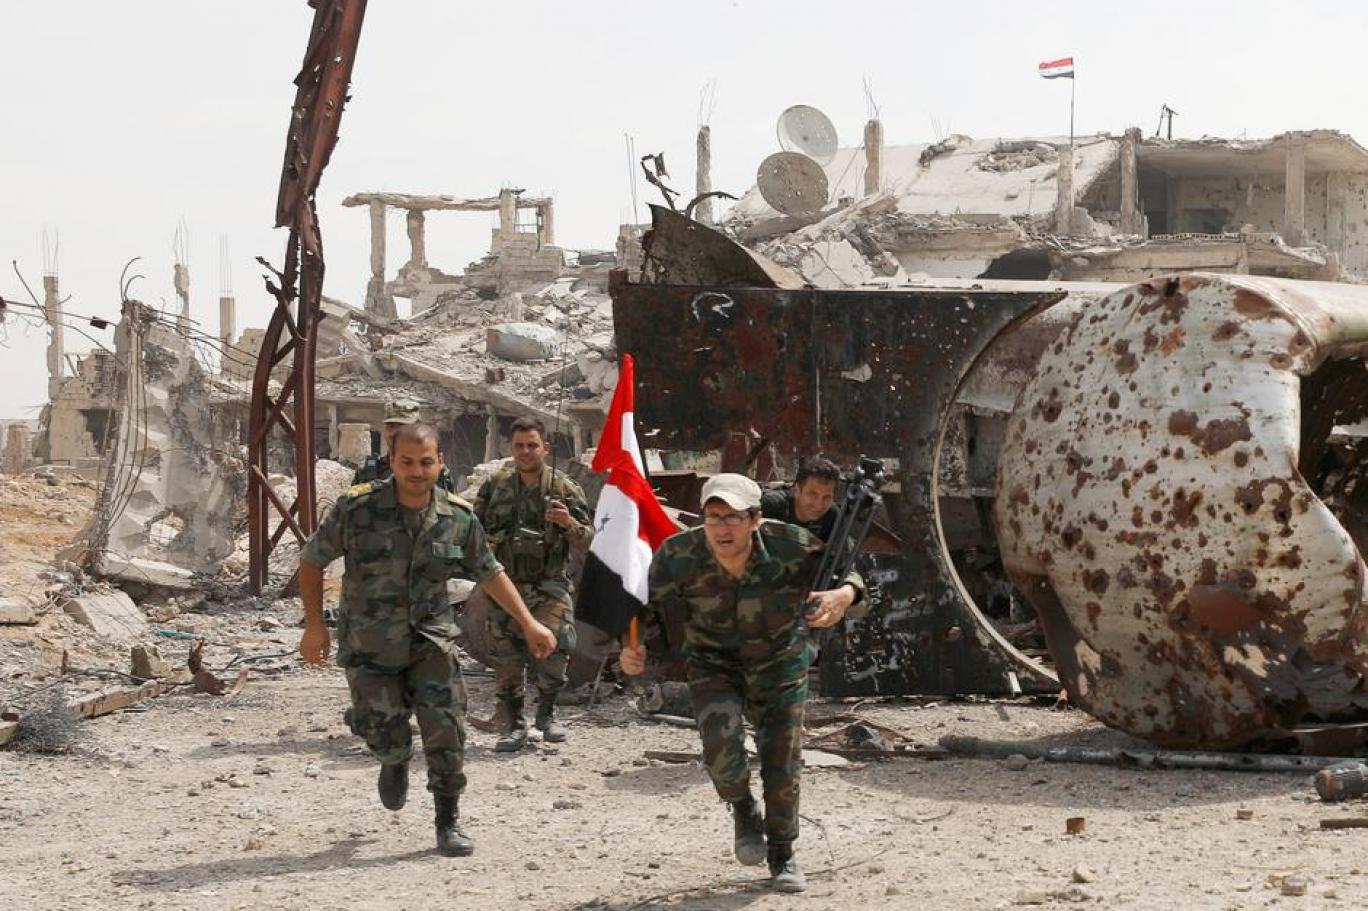 Suriye ordusuna Hama'da saldırı: Üst düzey bir komutan ve 5 asker öldürüldü!